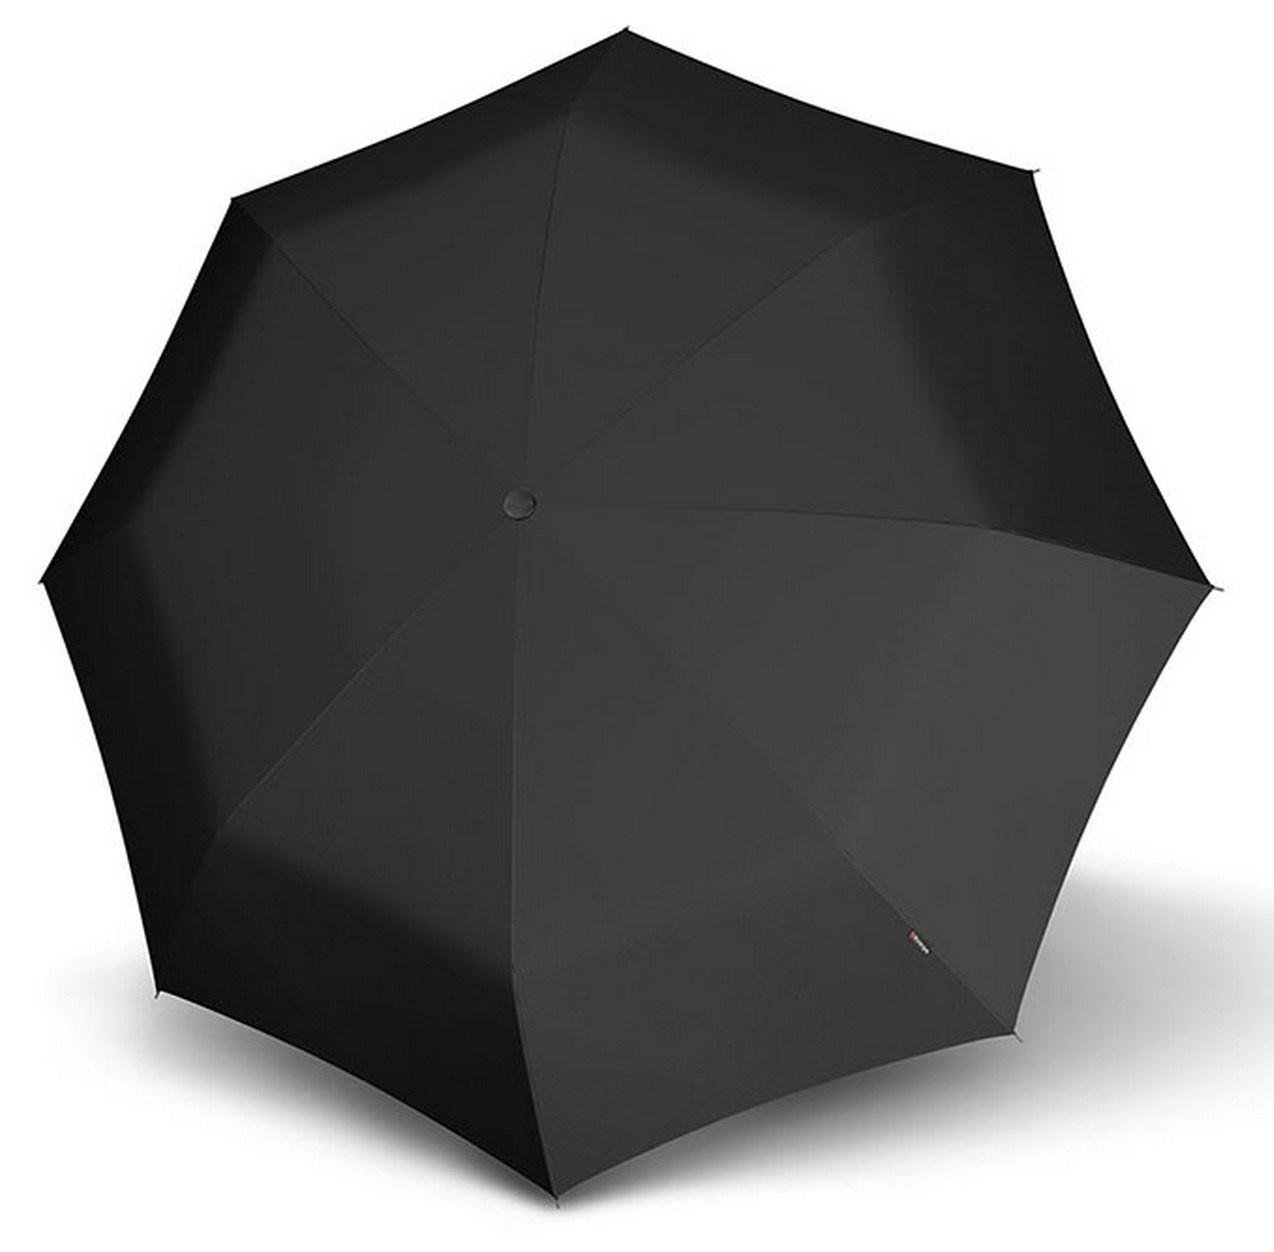 Зонт Knirps 95 3200 1000, черный зонты